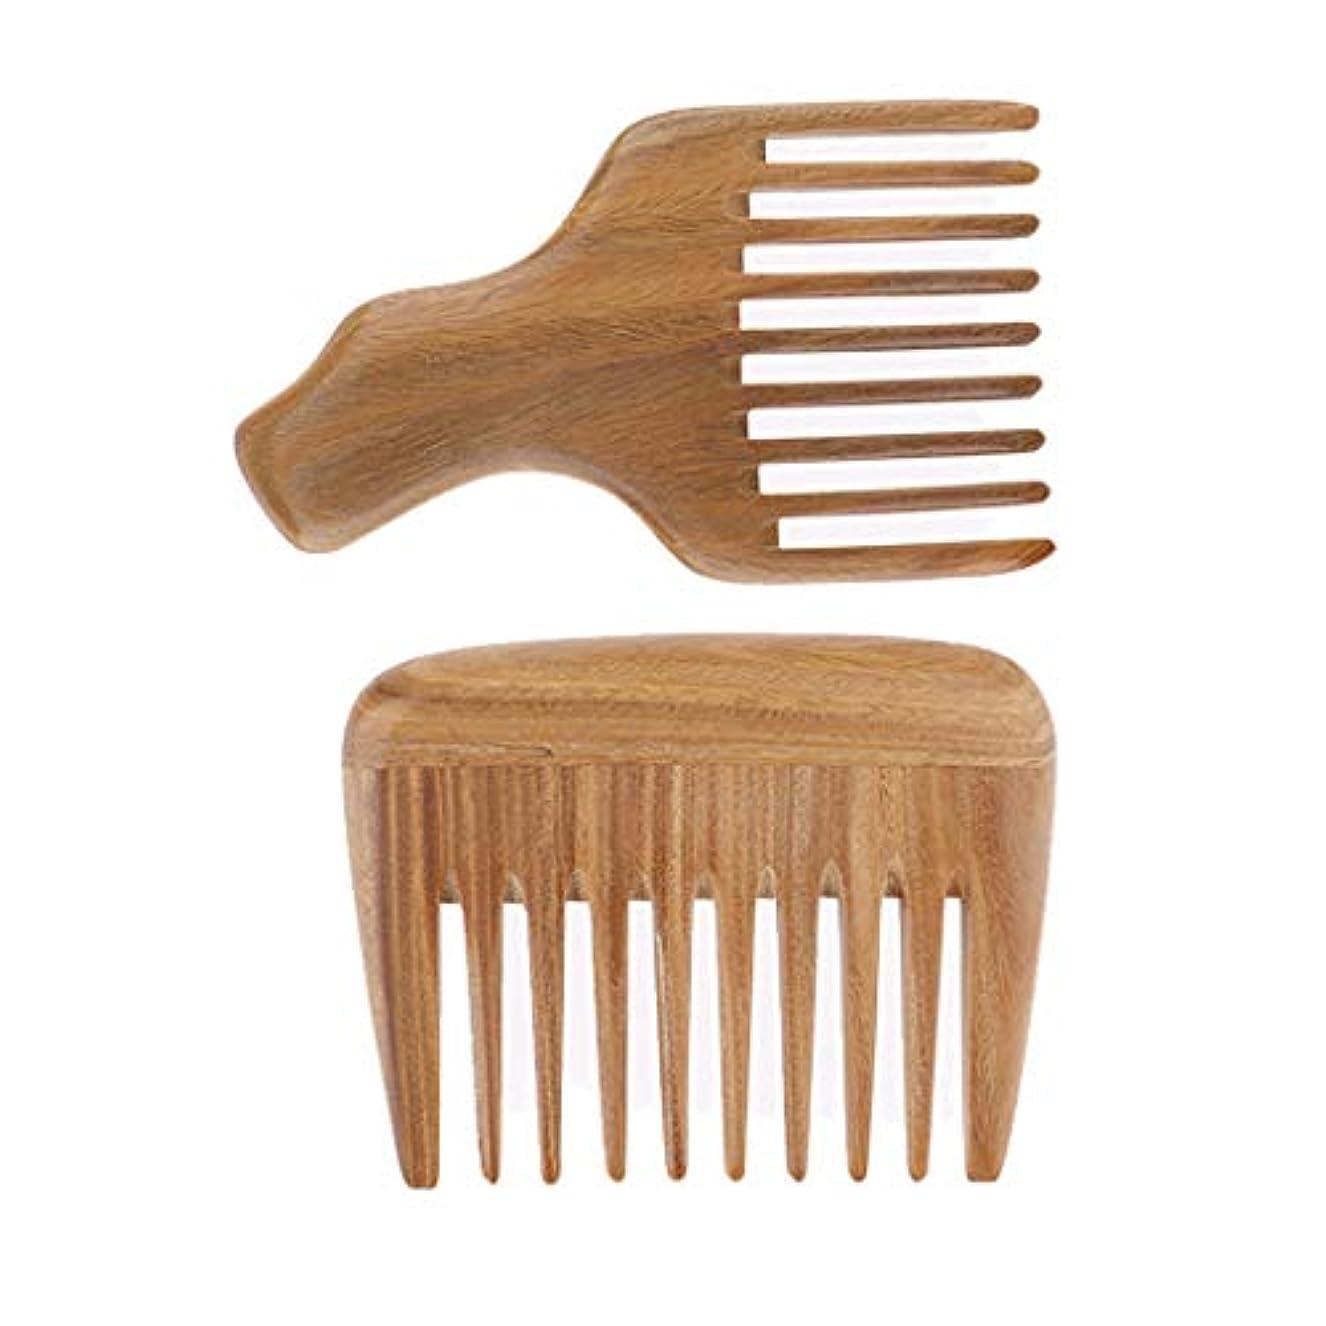 ずっと分岐するモンキーヘアブラシ ヘアダイコーム 櫛 ヘアコーム 木製コーム 粗い 頭皮マッサージ ツール 2個入り